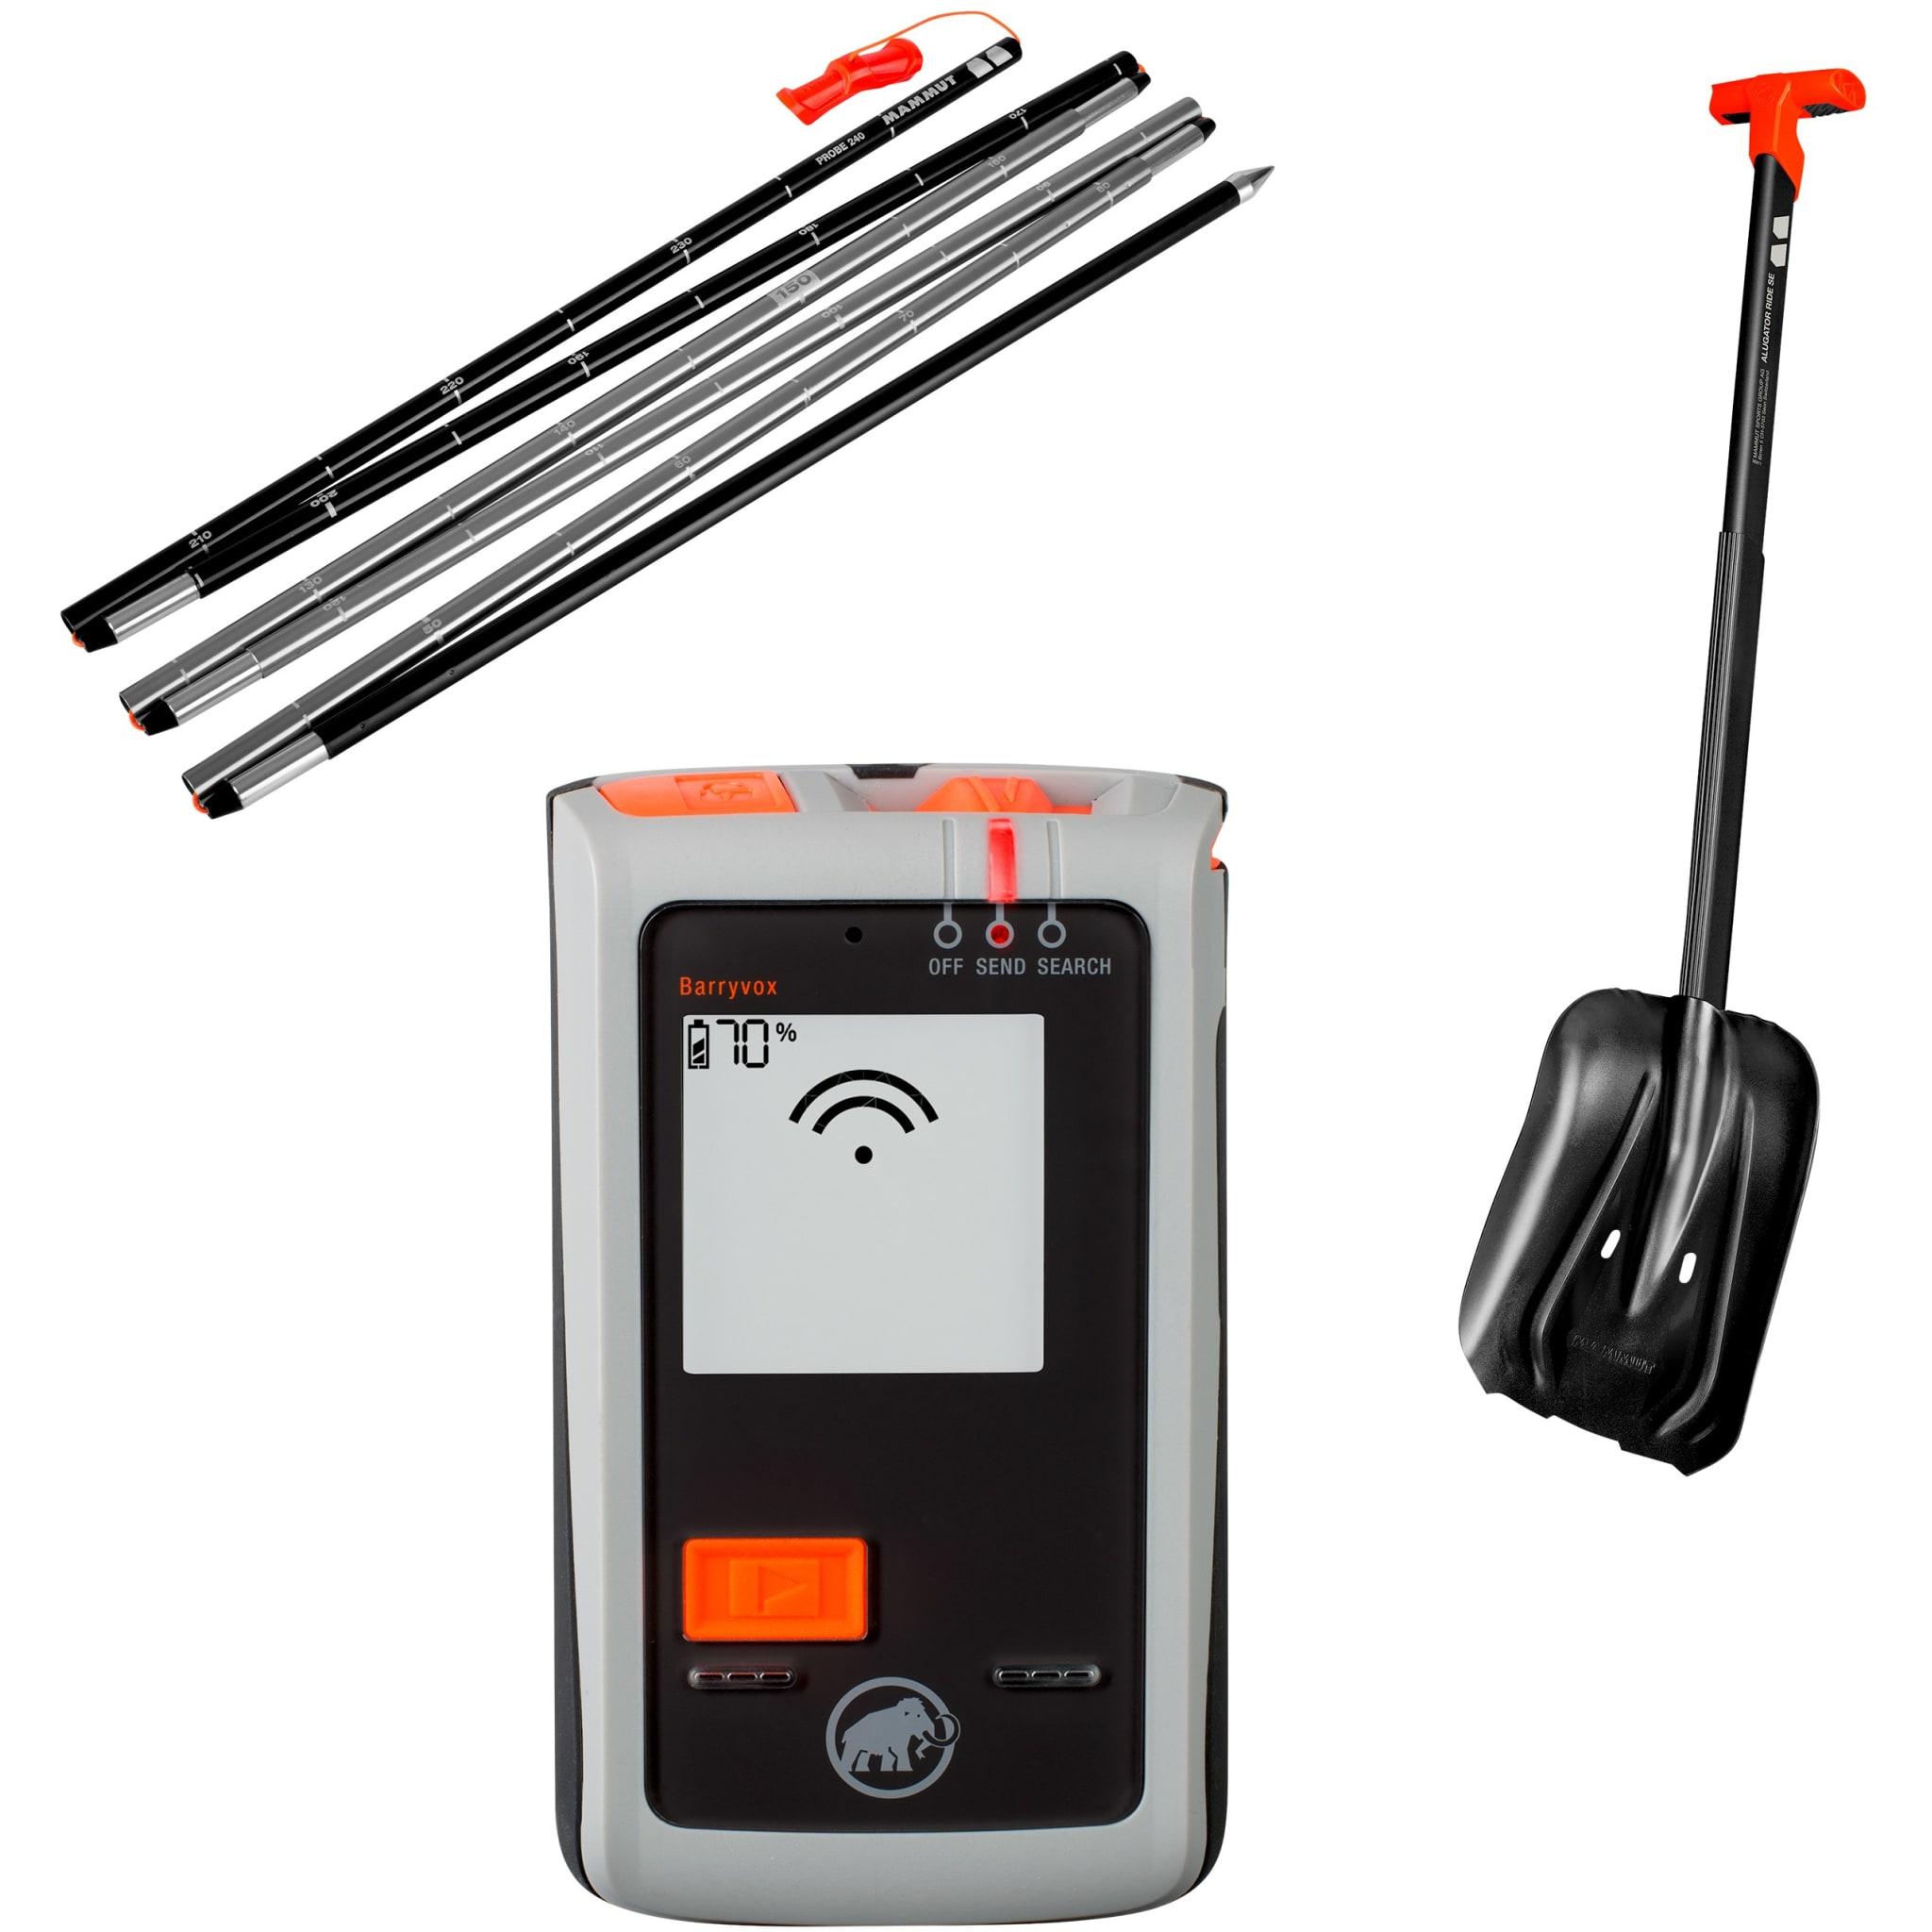 Sender/mottaker med 3 antenner, god spade og solid søkestang